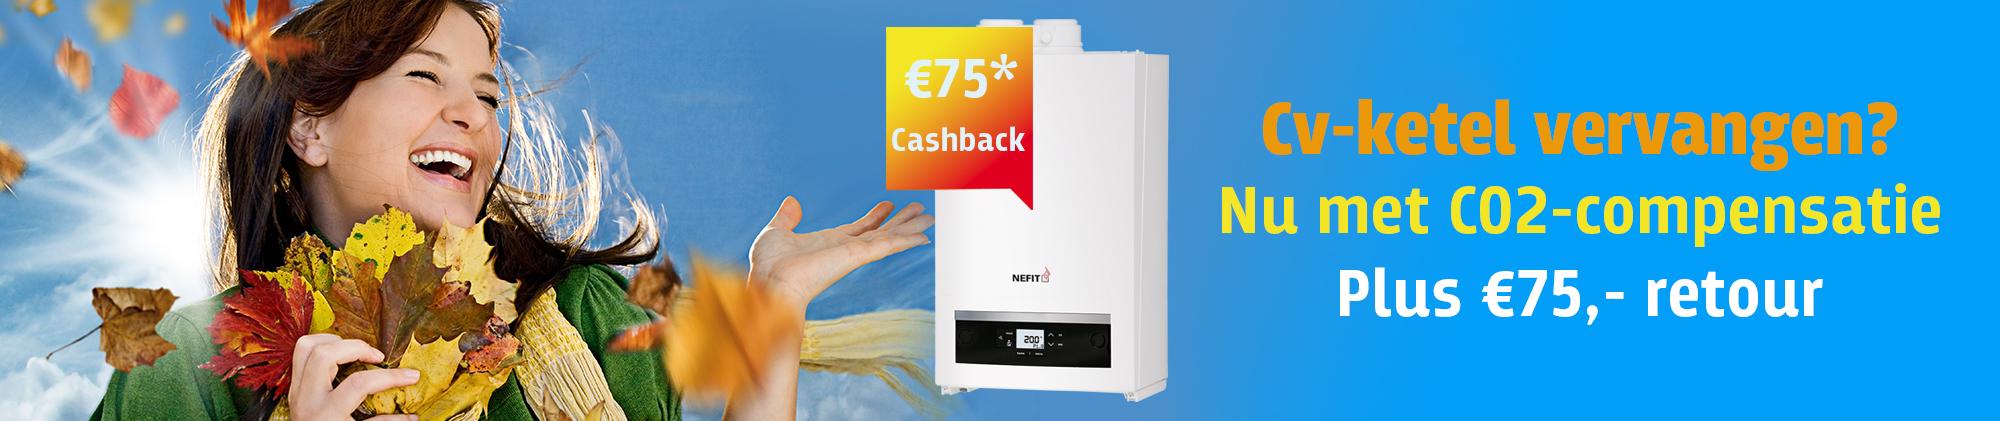 Header CV Cashback 2020